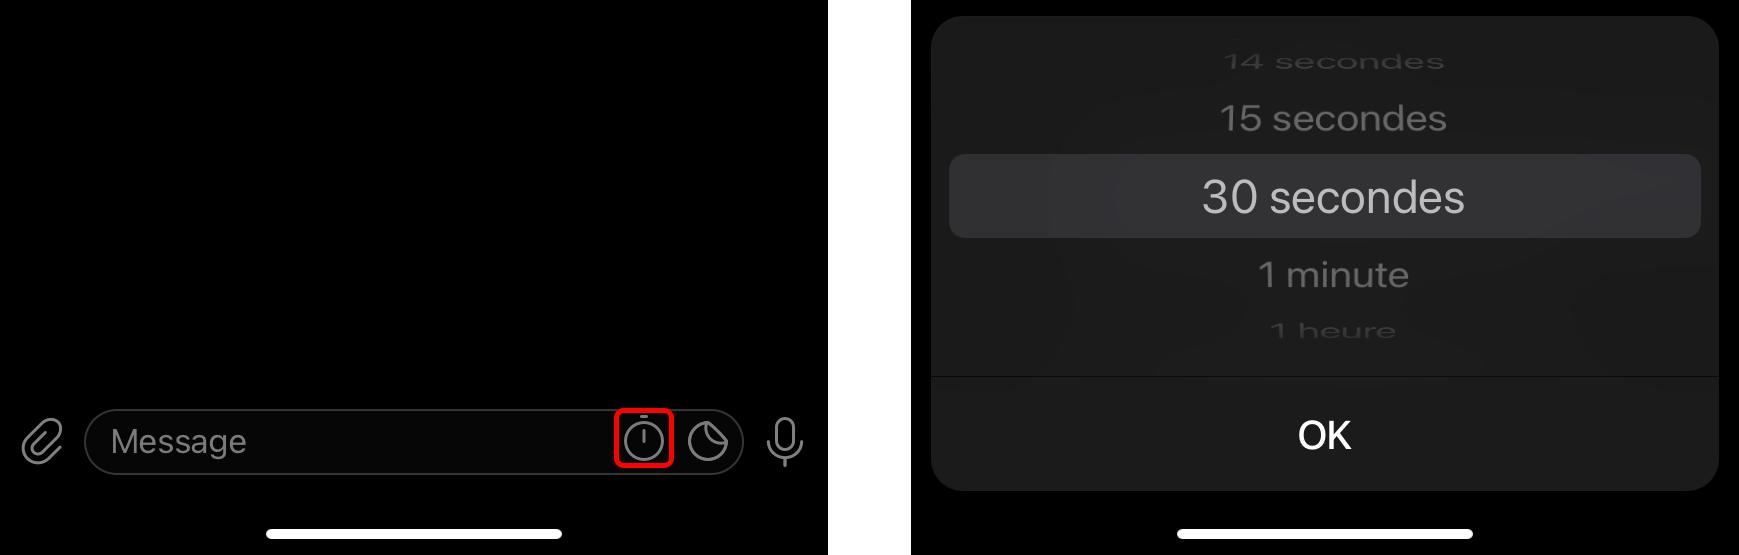 Configurez un temporisateur pour supprimer automatiquement les messages des échanges secrets sur Telegram